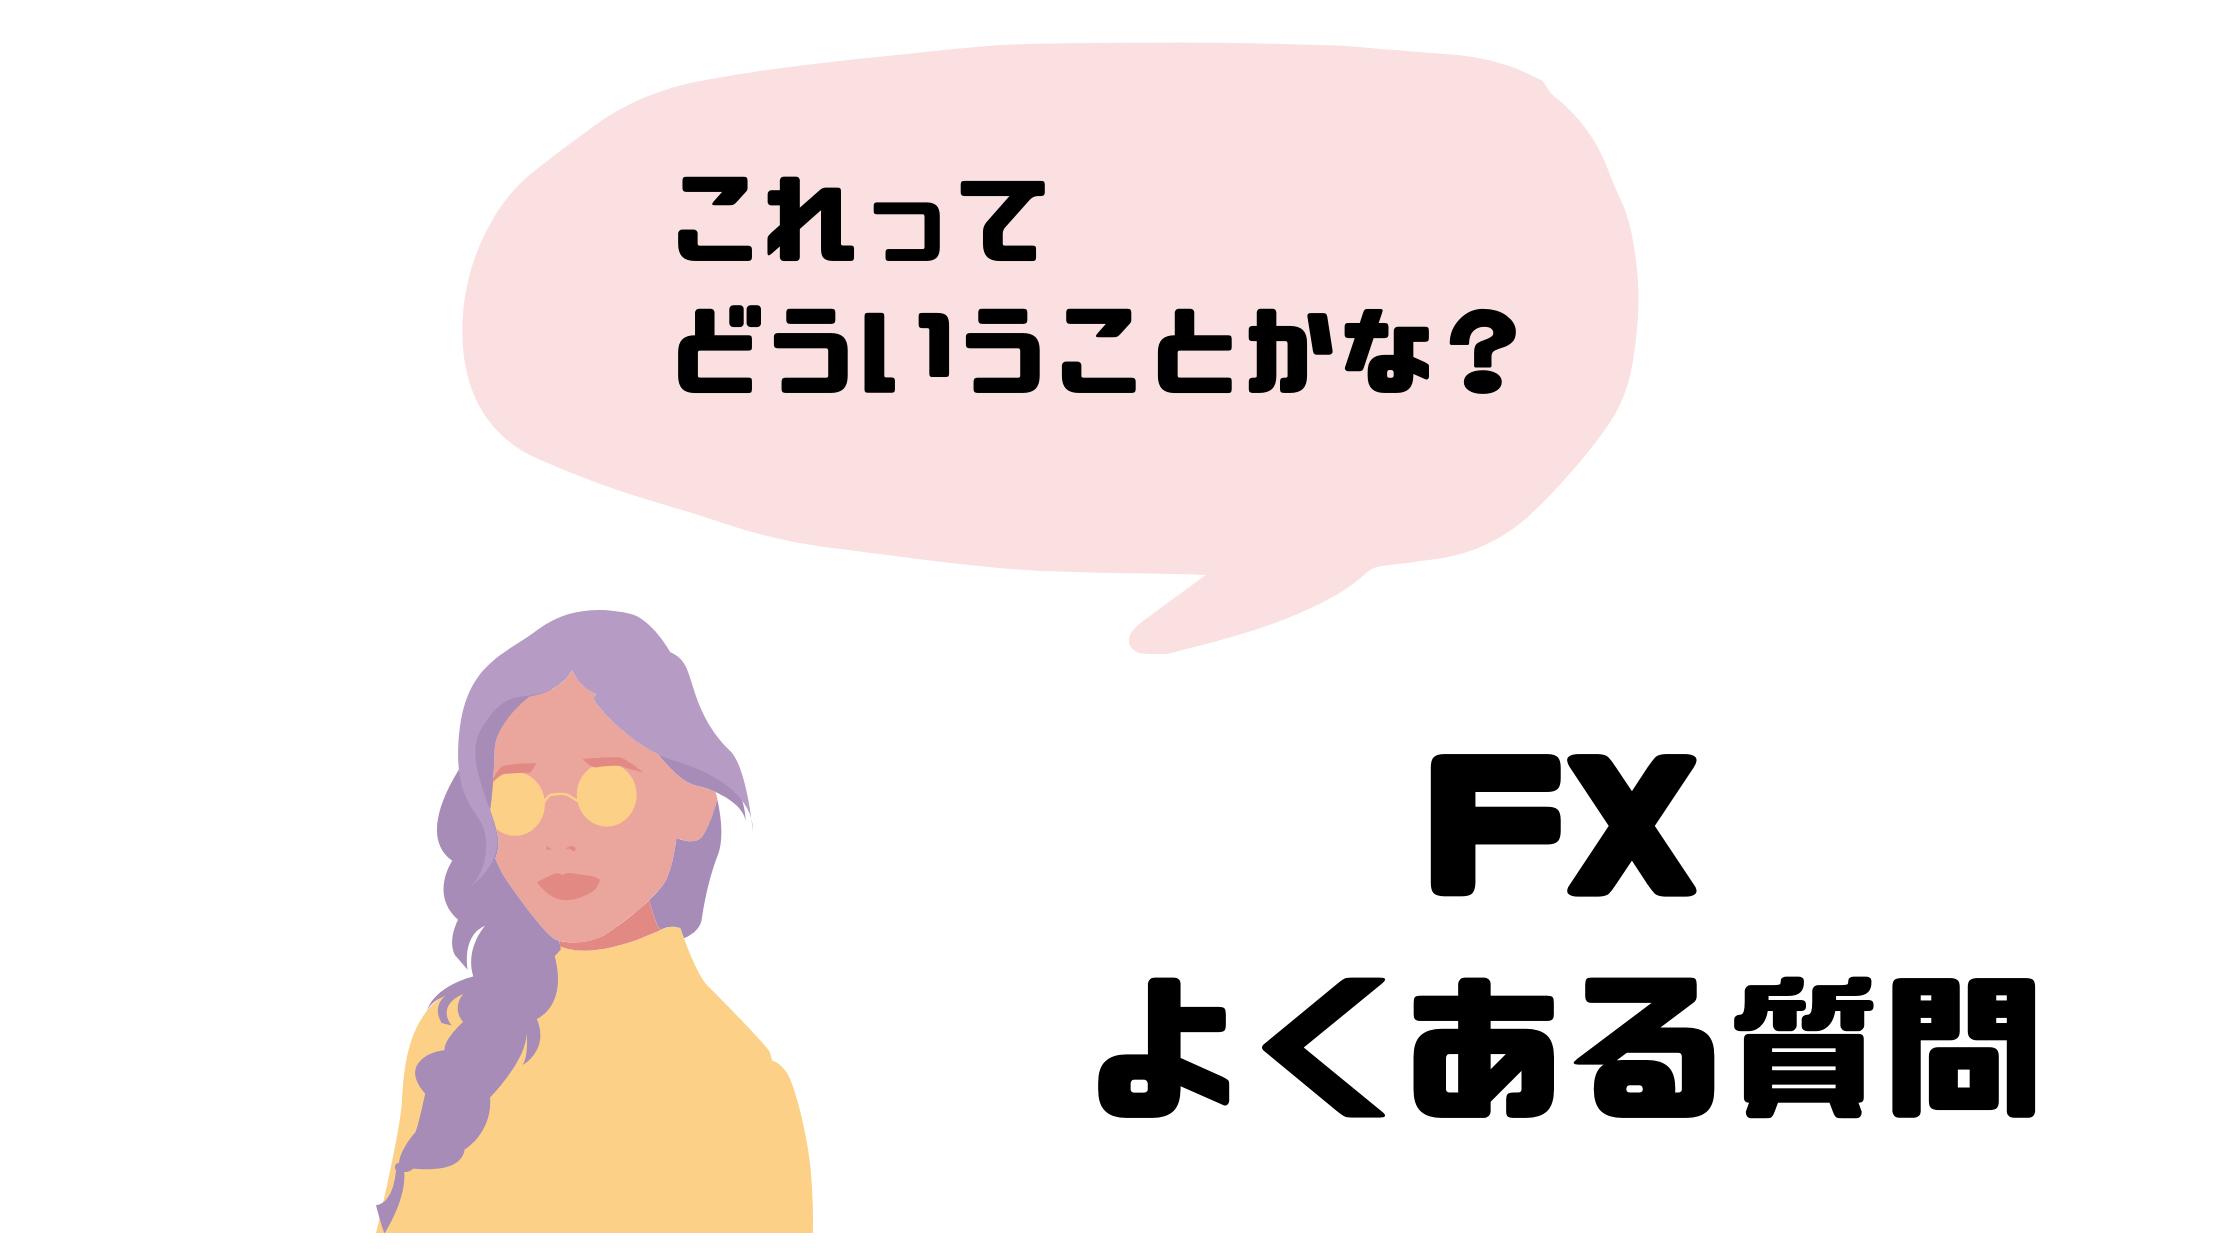 FX_やり方_よくある質問